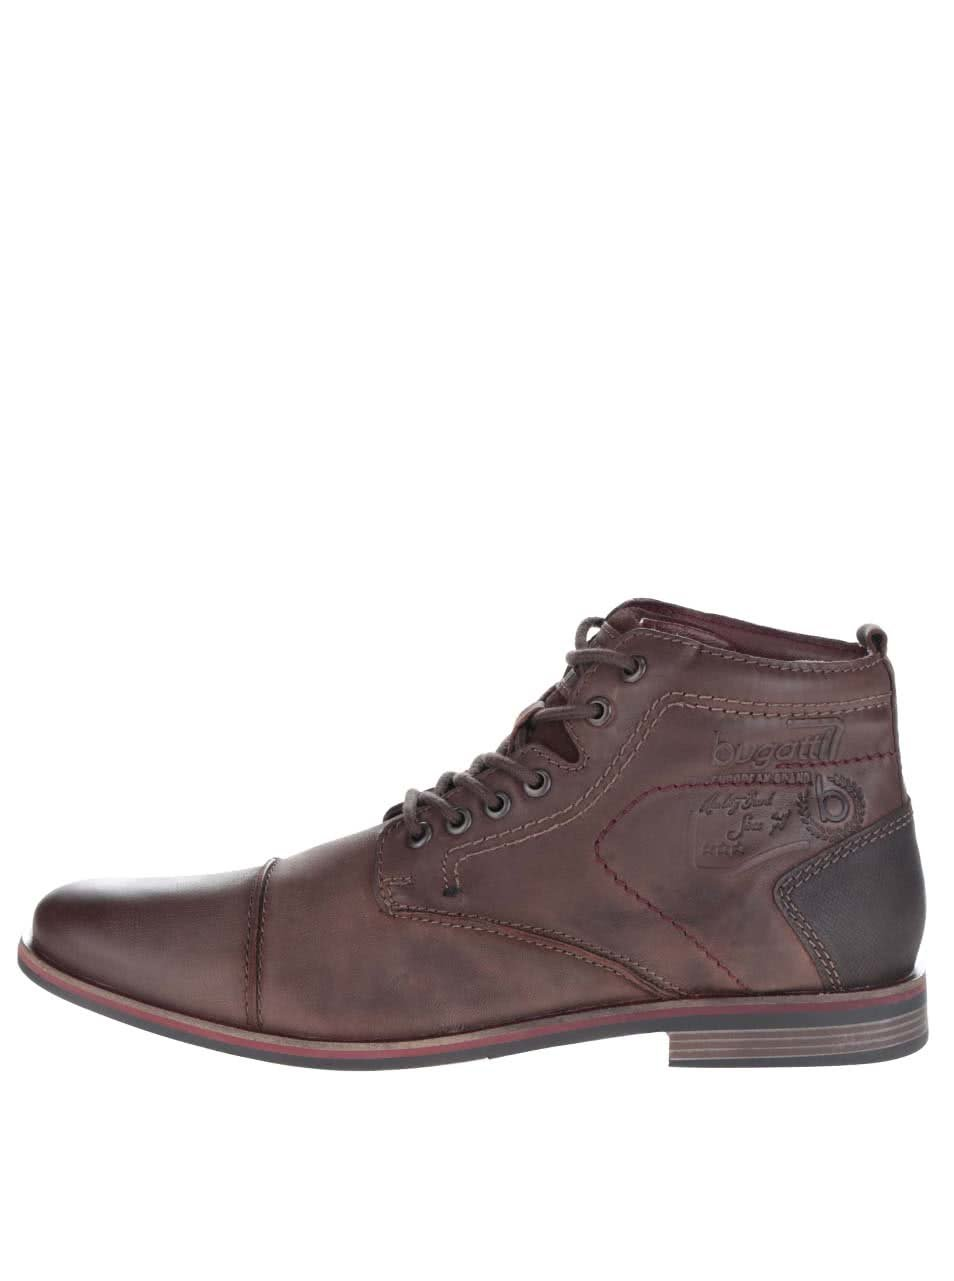 Hnedé pánske kožené šnurovacie členkové topánky bugatti Abramo ... 12f97ba9f0e